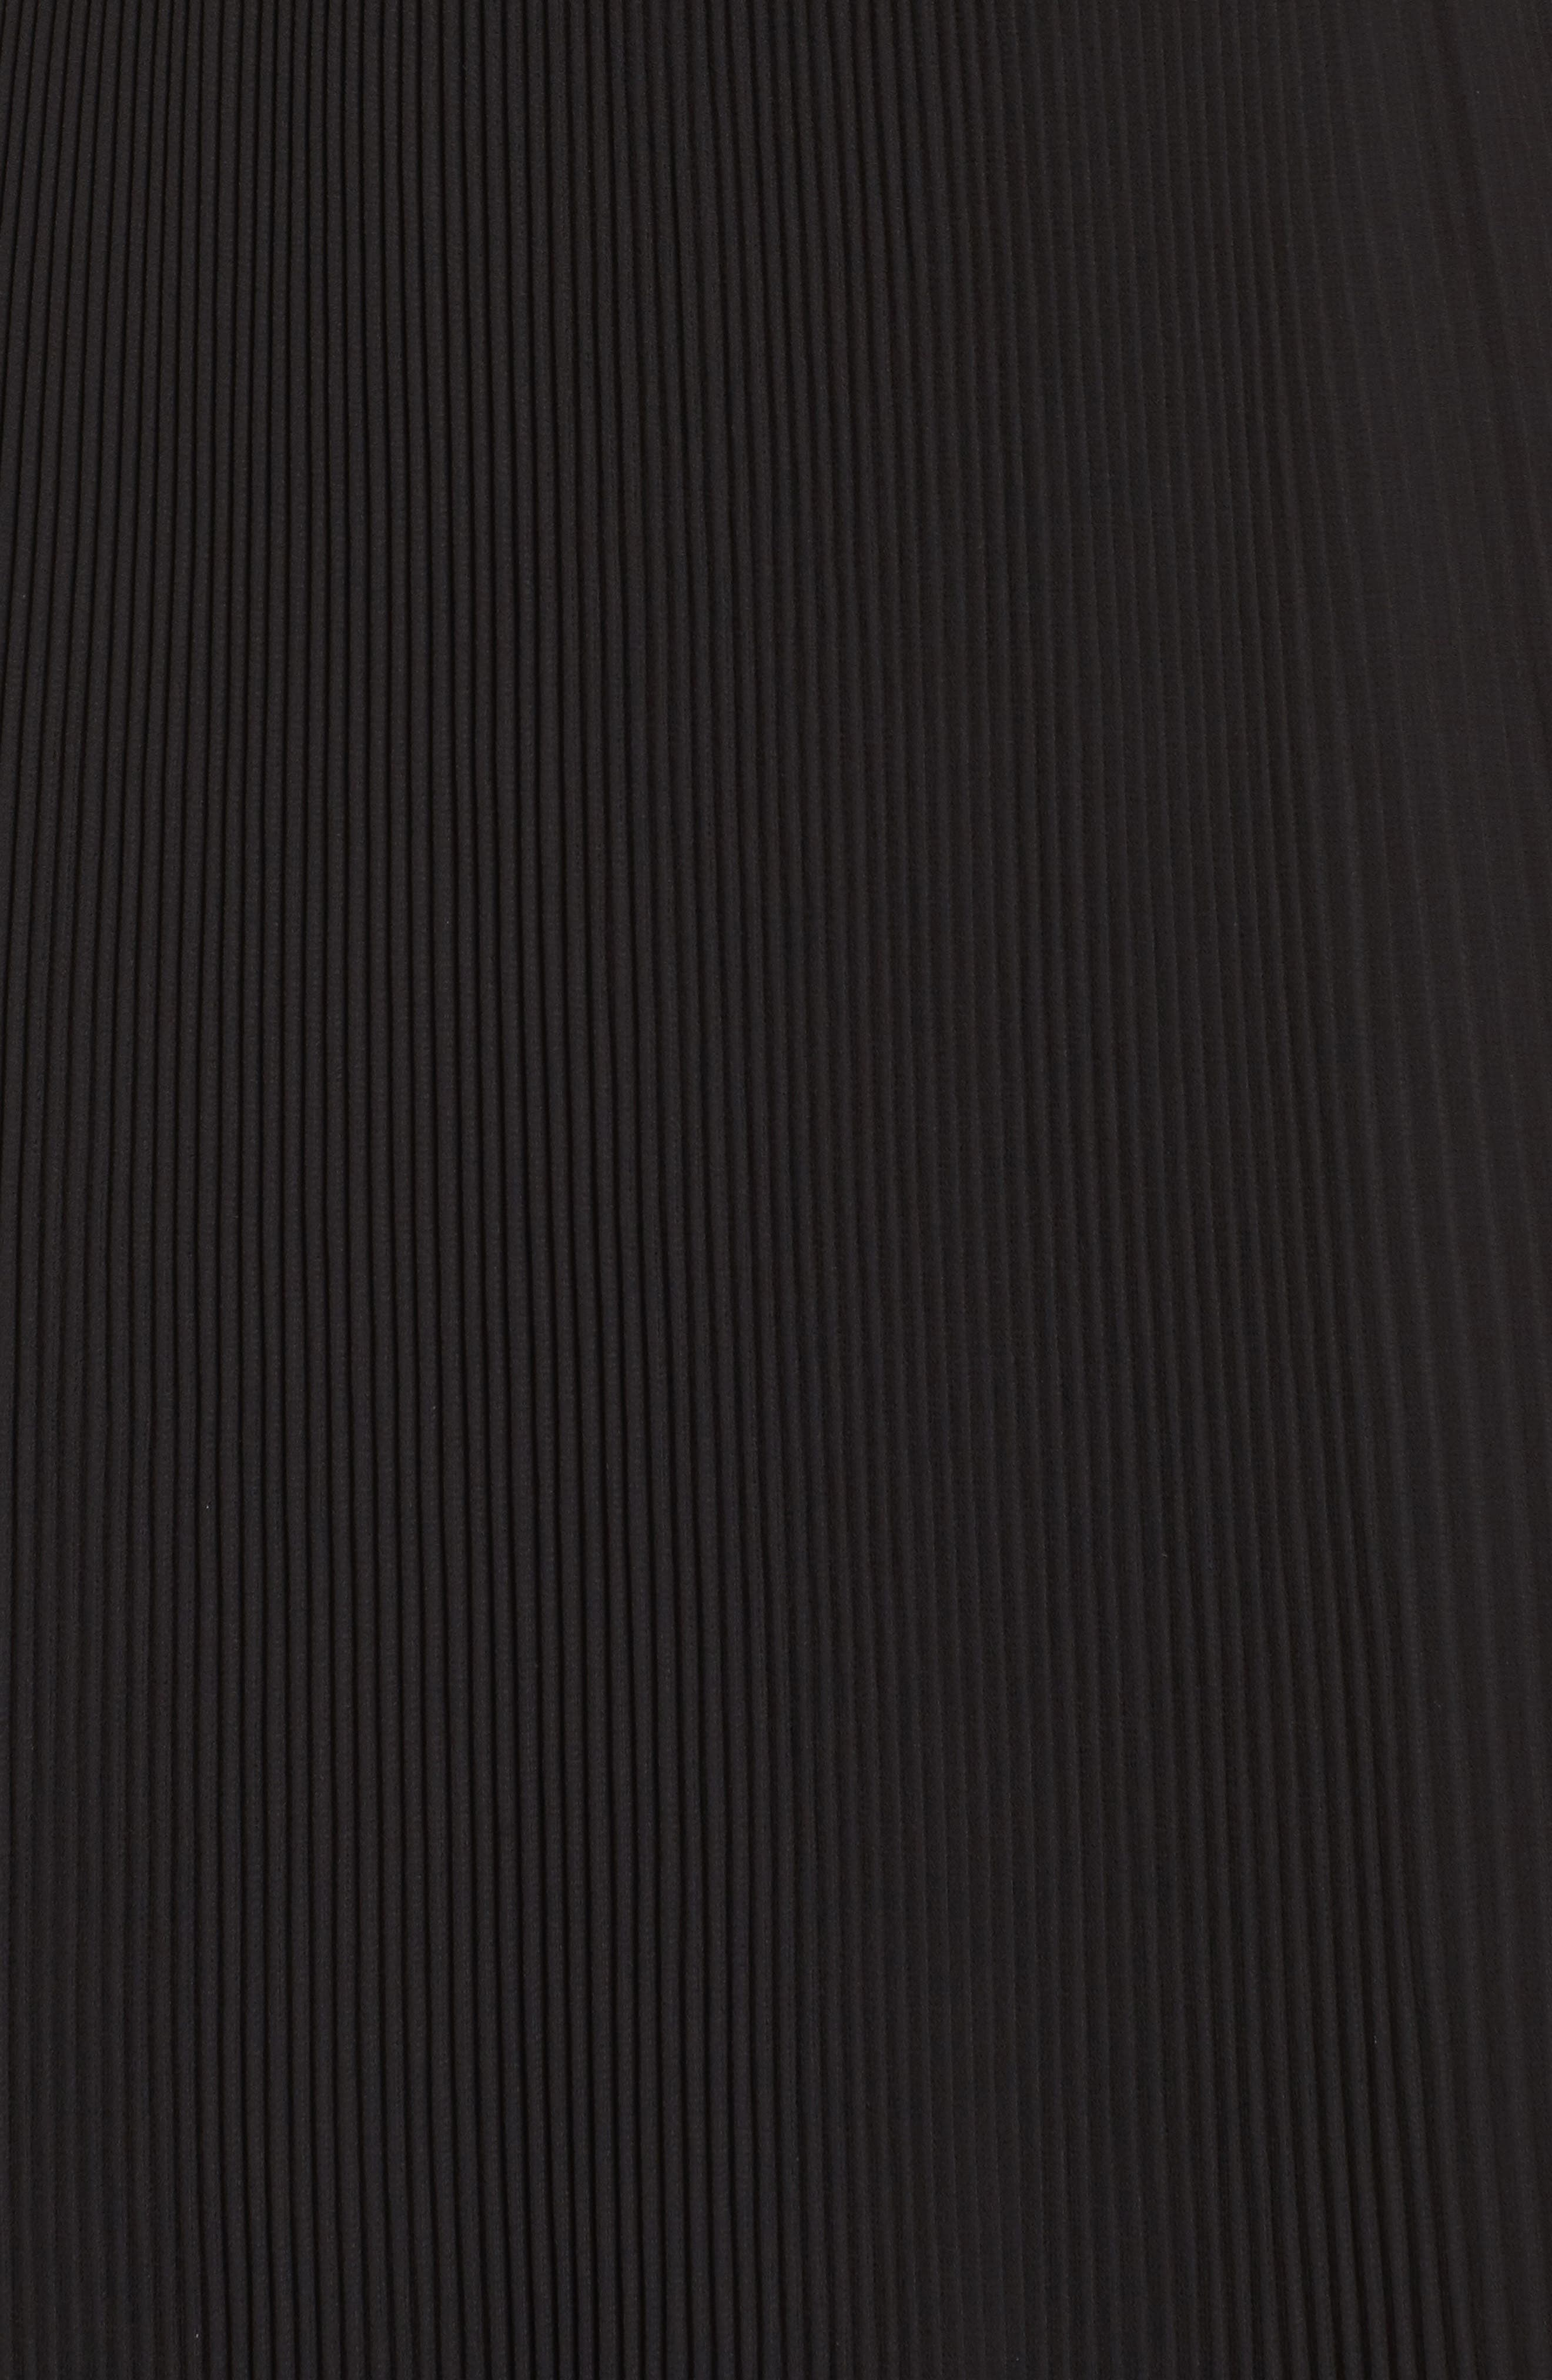 Sunset Blvd Maxi Dress,                             Alternate thumbnail 5, color,                             001